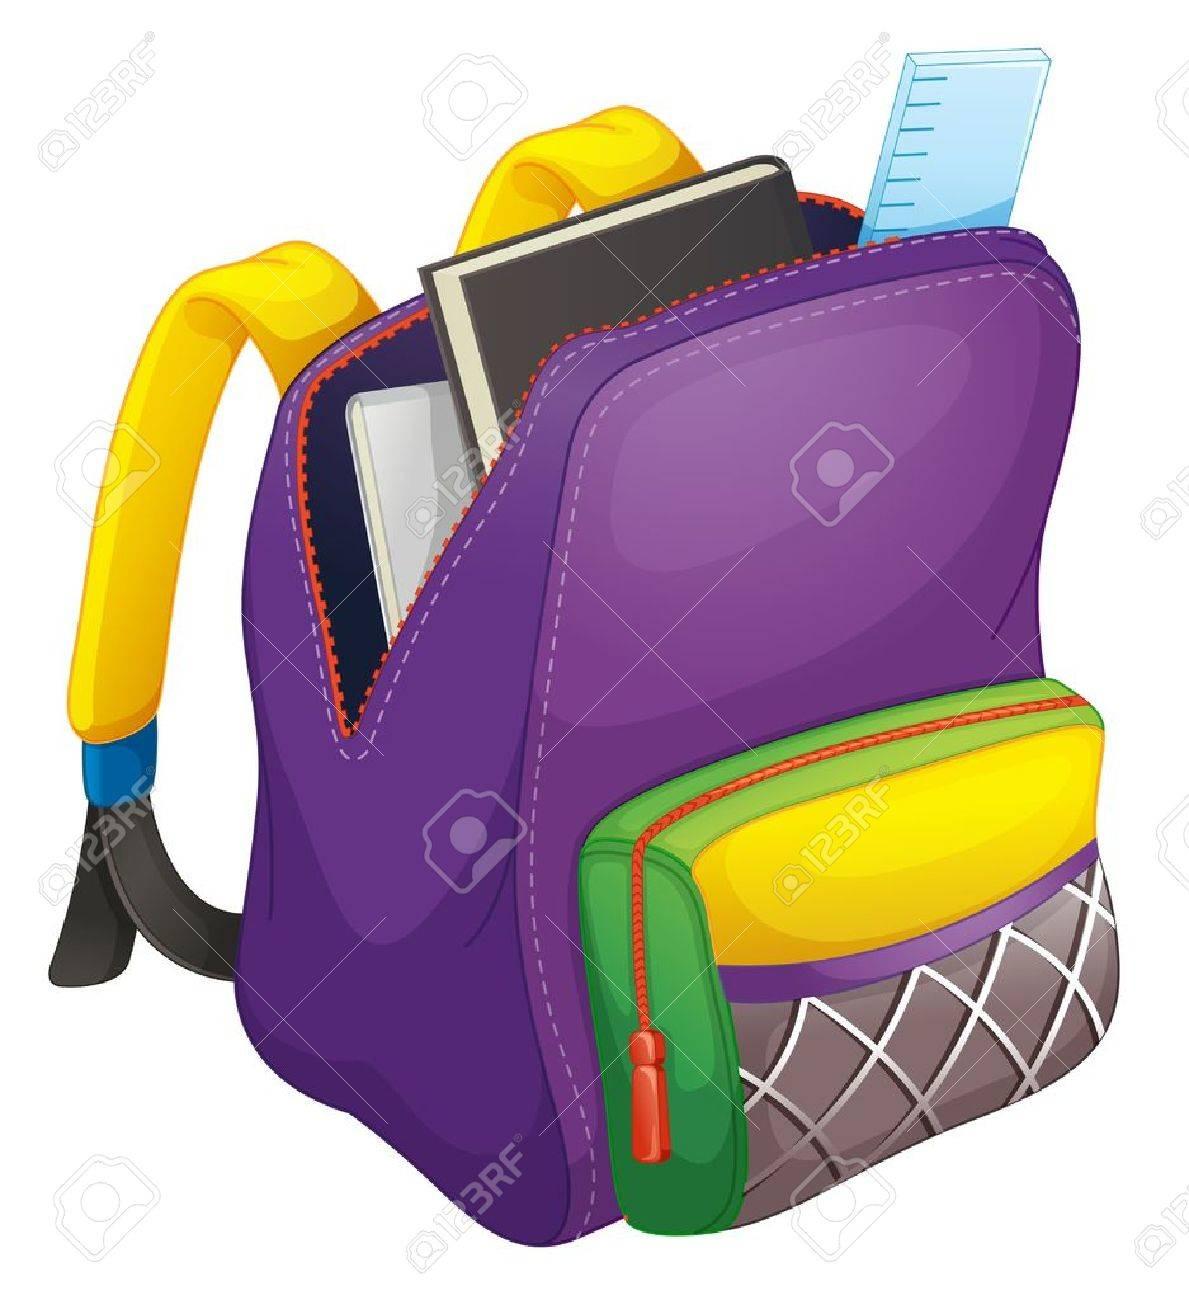 1189x1300 School Bag Clipart. School Bag Images Clip Art Clipart